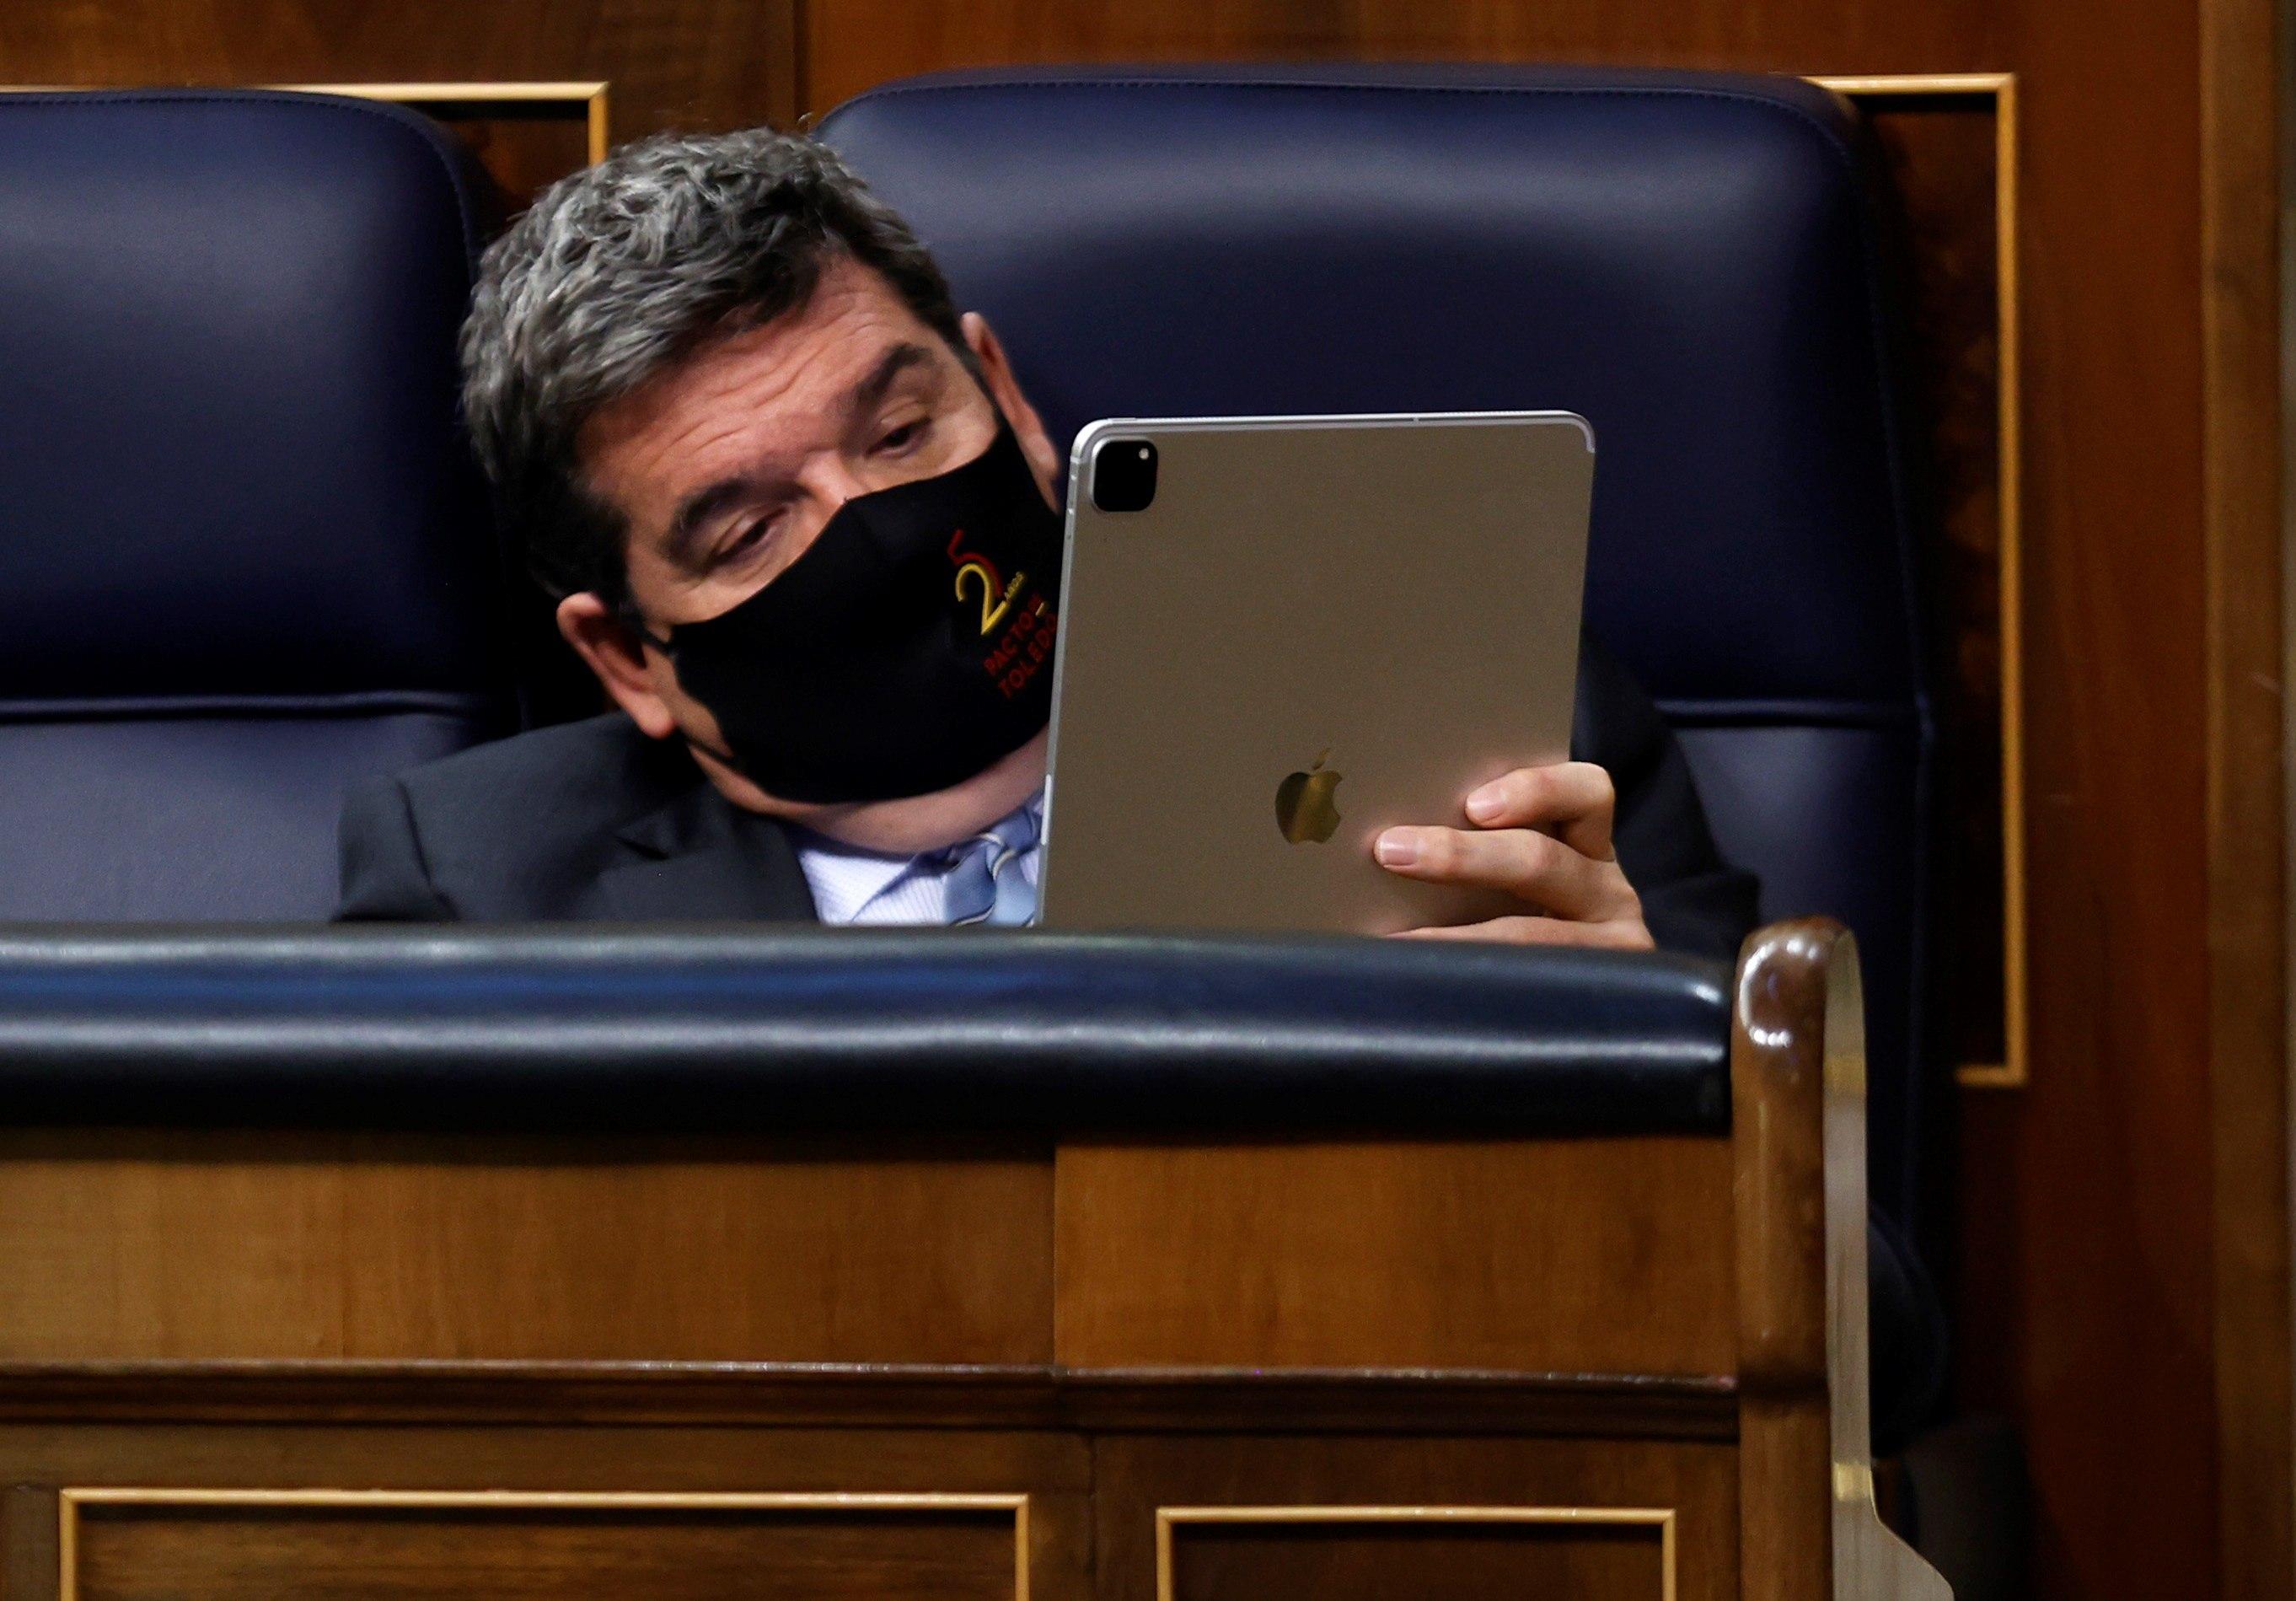 MADRID, 14/04/2021.- El ministro de Seguridad Social, José Luis Escrivá, revisa su tableta la semana pasada en el Congreso de los Diputados.